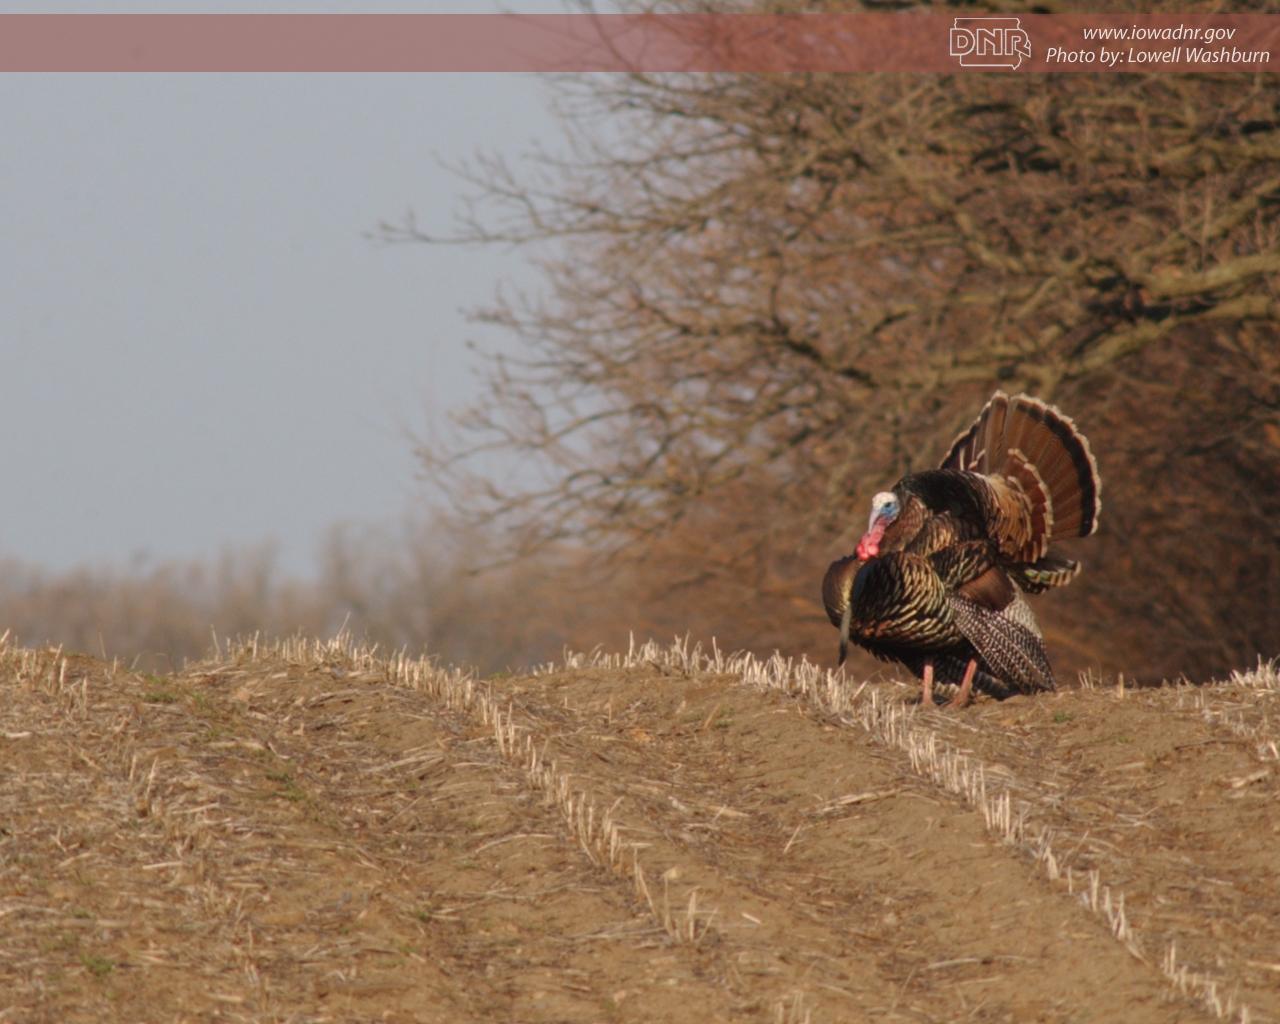 Deer Turkey Forest Upland Wildlife Grasslands Waterfowl 1280x1024